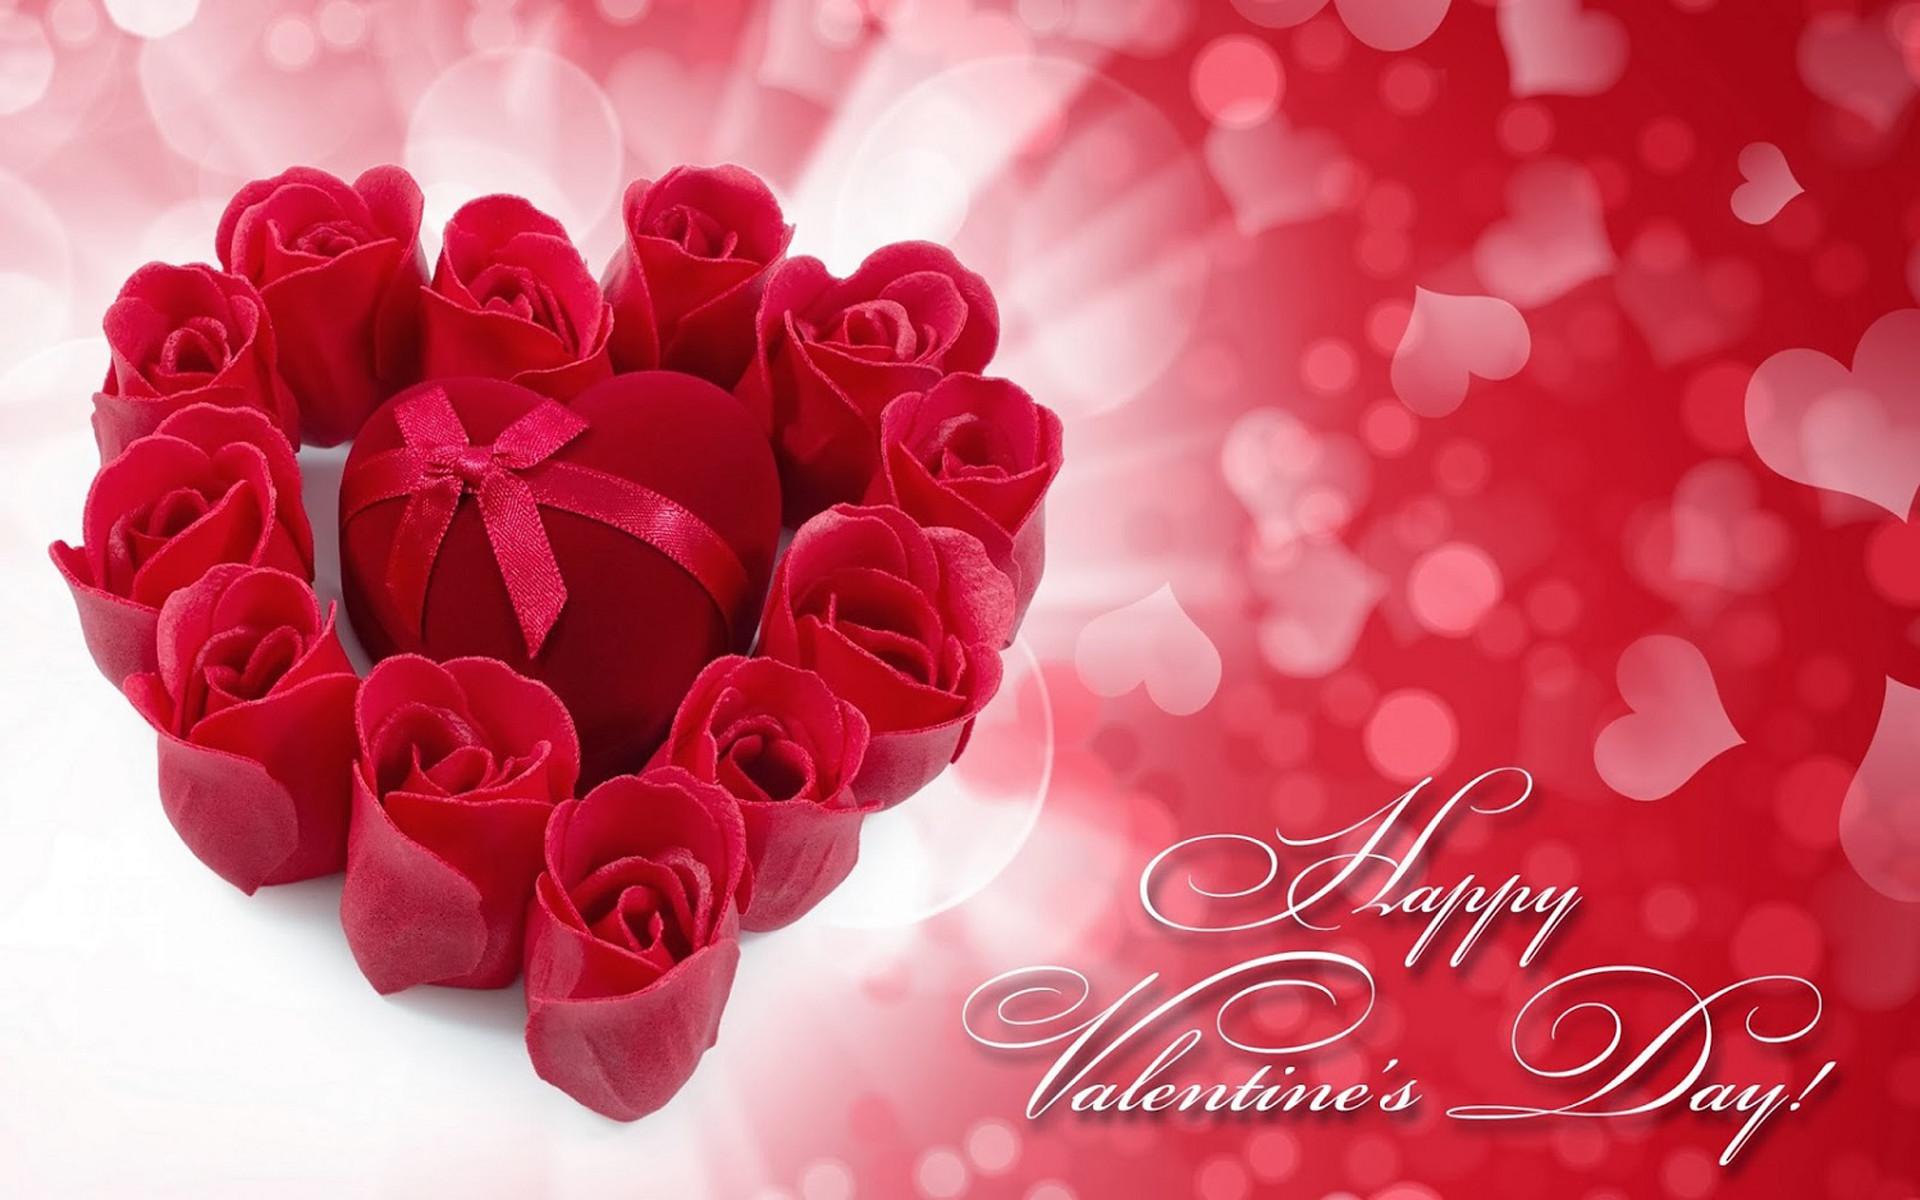 Поздравление на valentine day